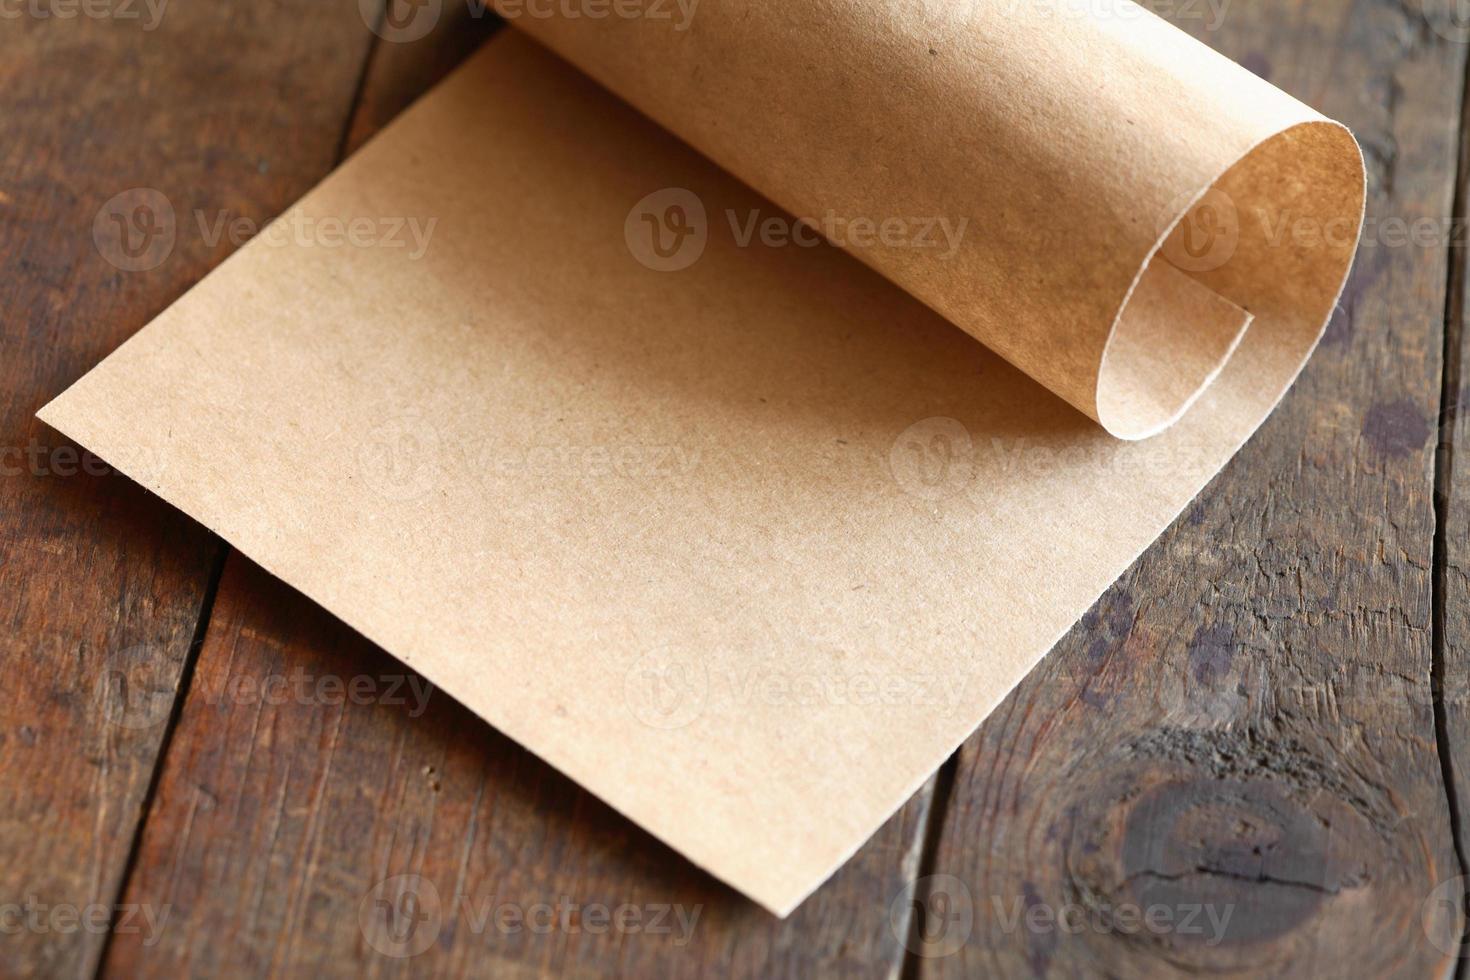 papier op hout foto